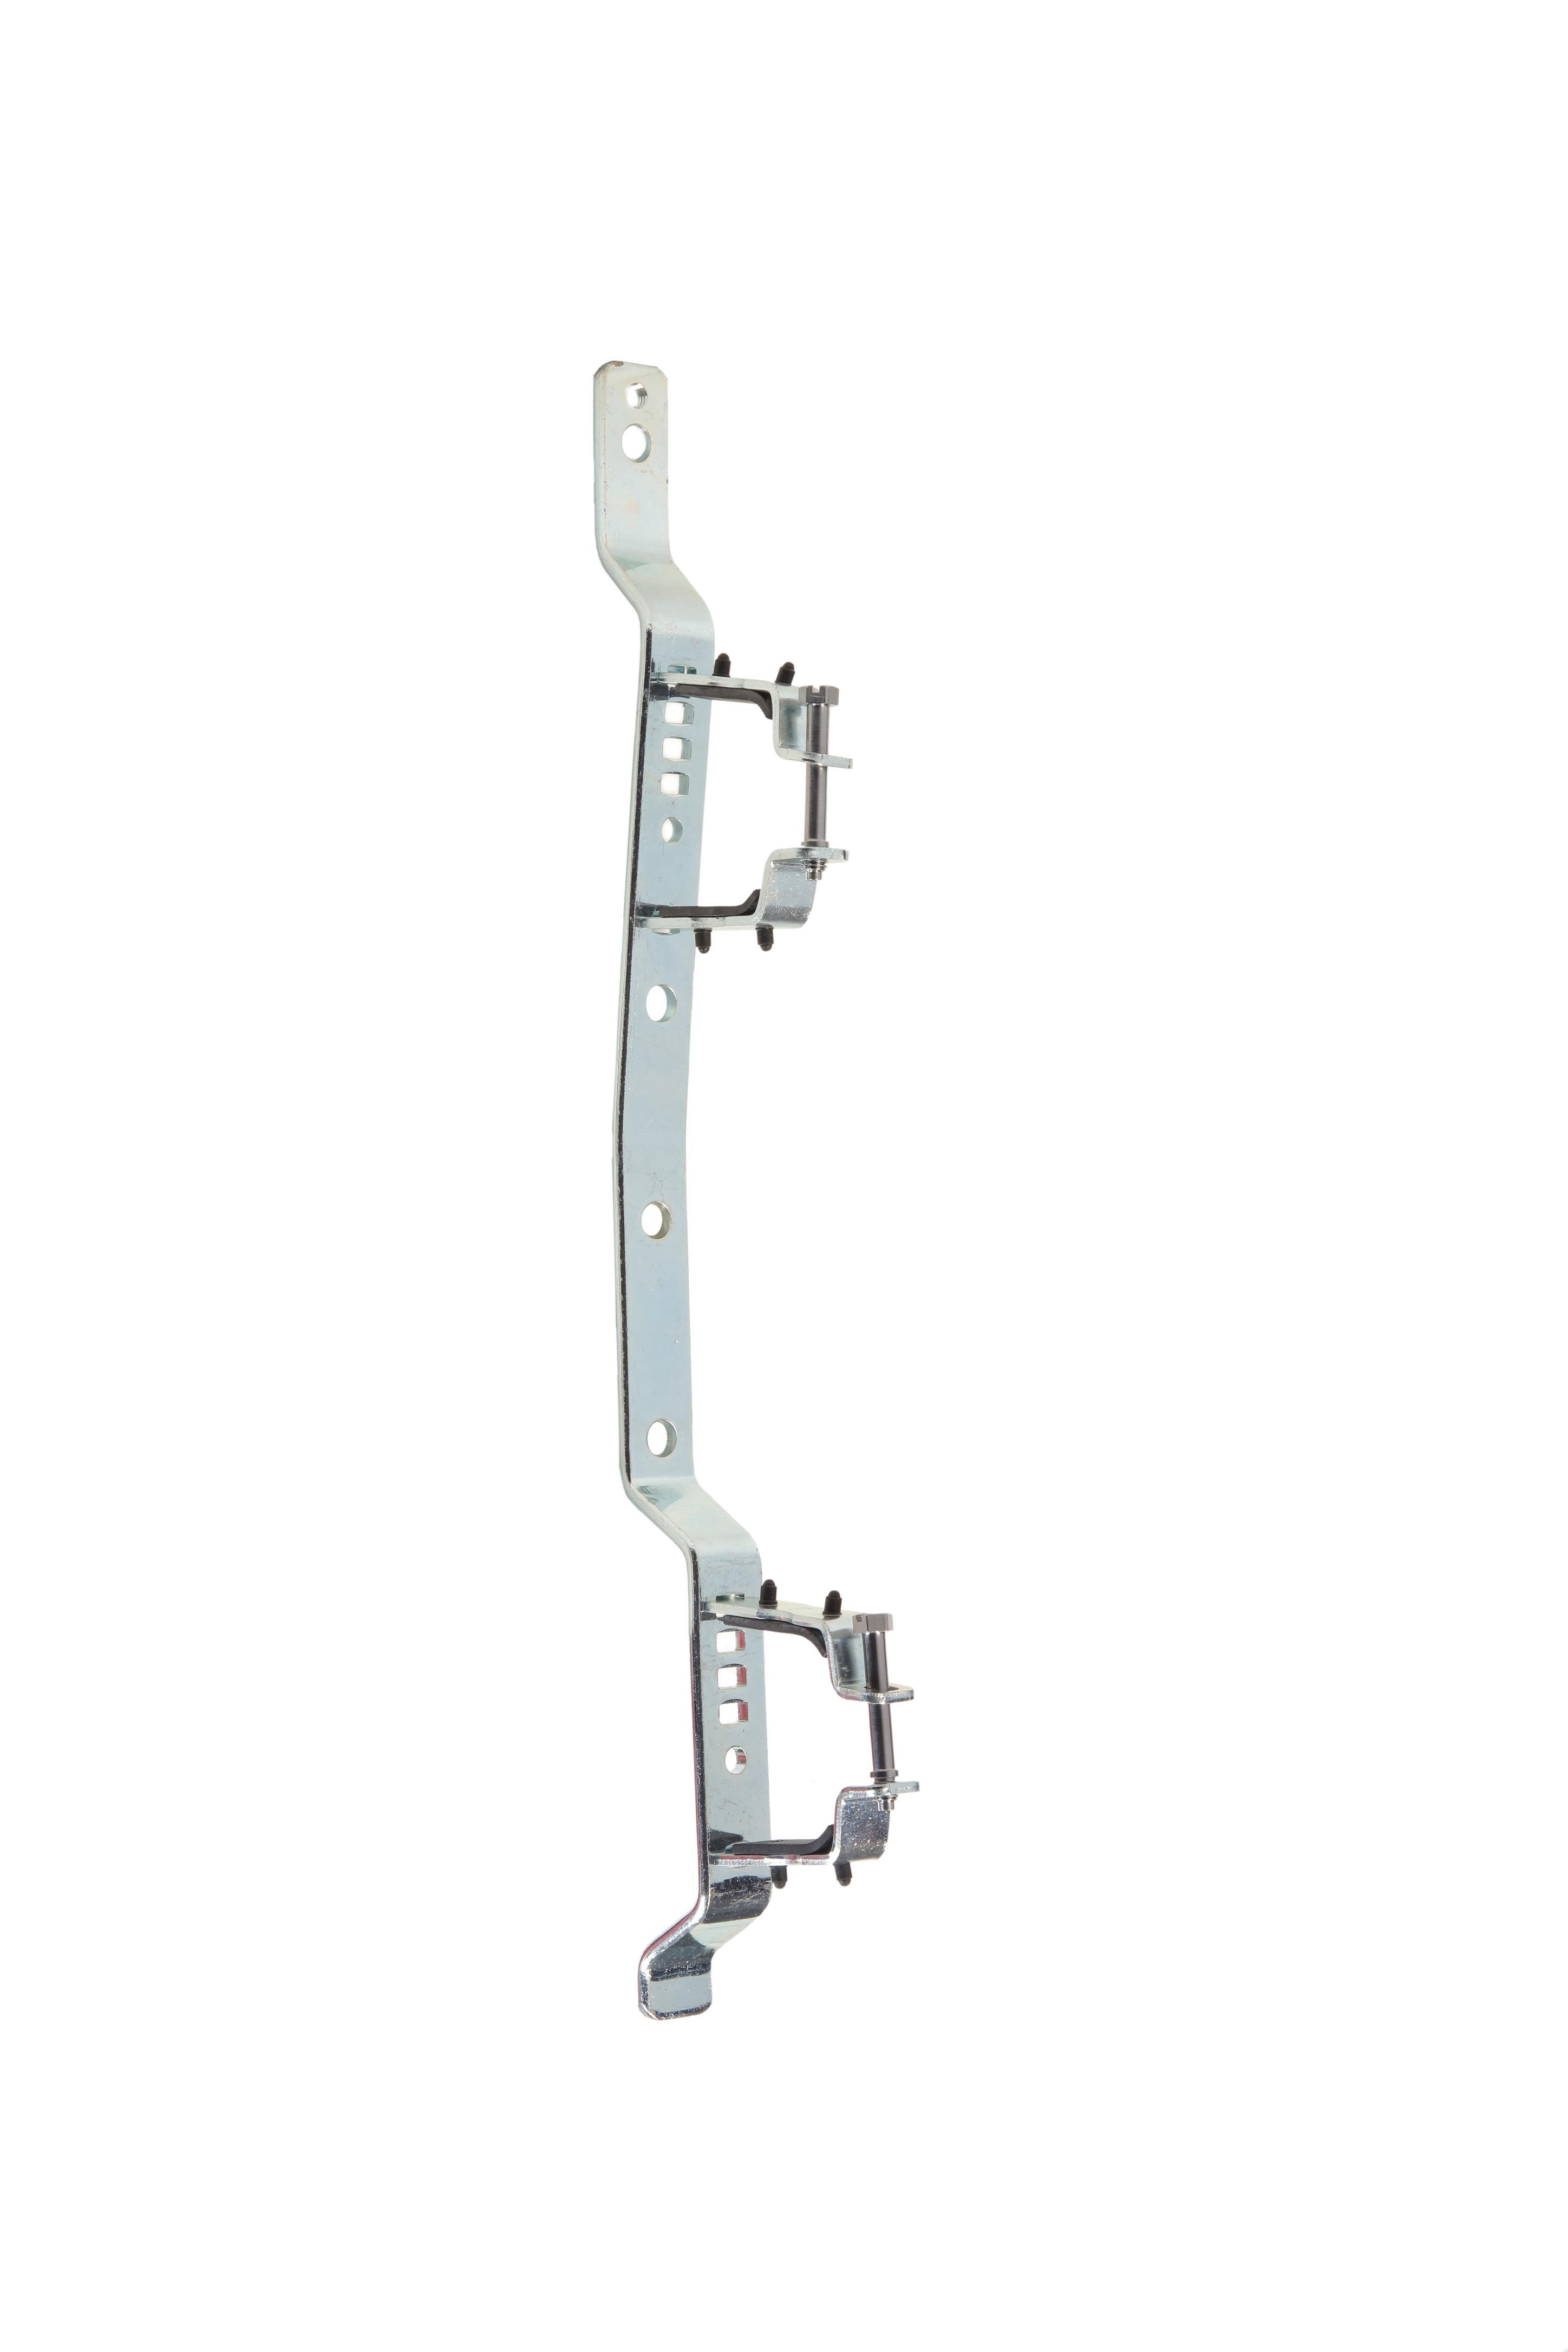 Držák modulových rozdělovačů R553FP.